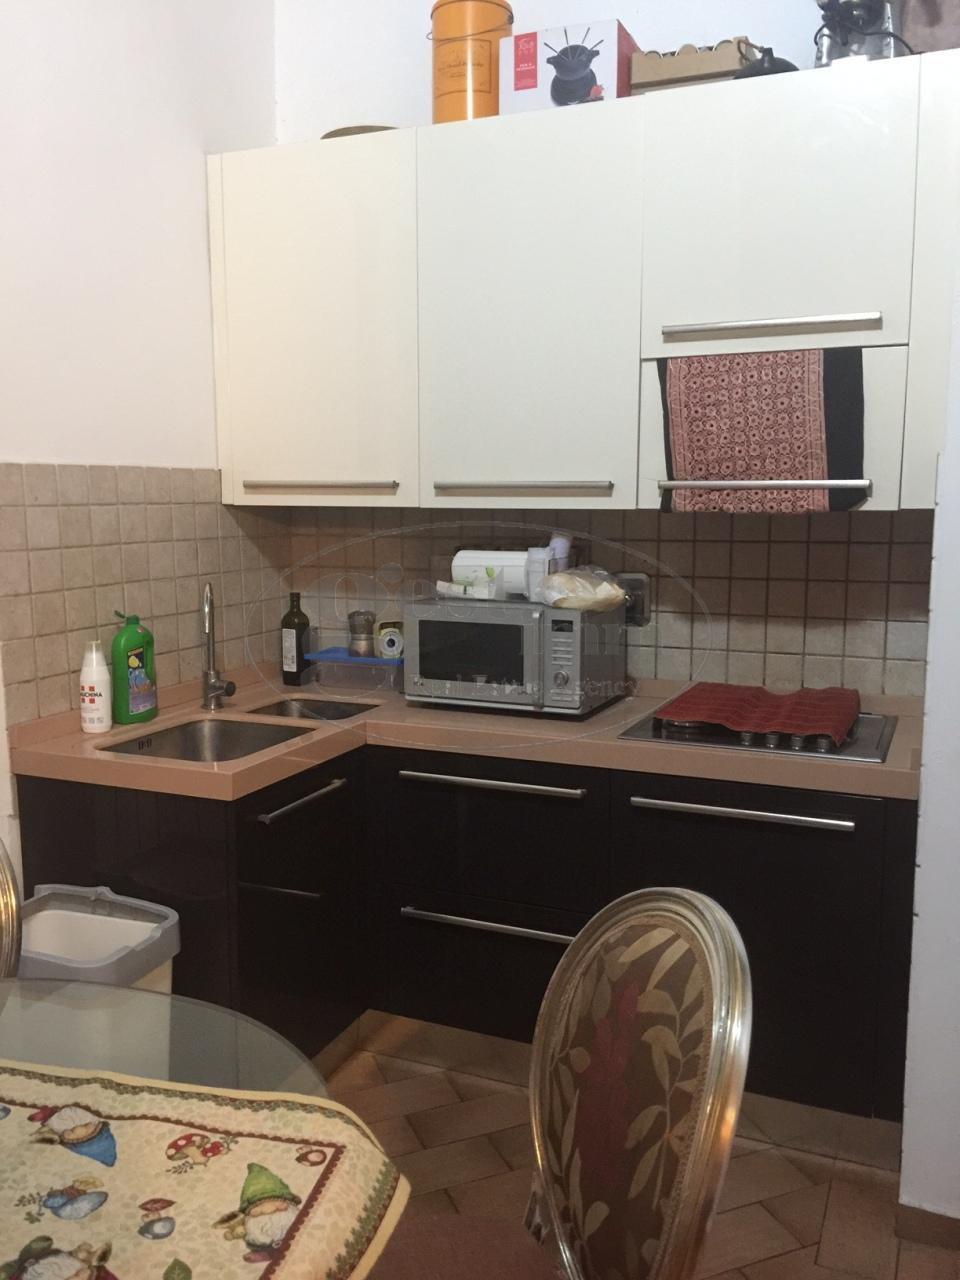 Appartamento in vendita a Livorno, 2 locali, prezzo € 105.000 | CambioCasa.it